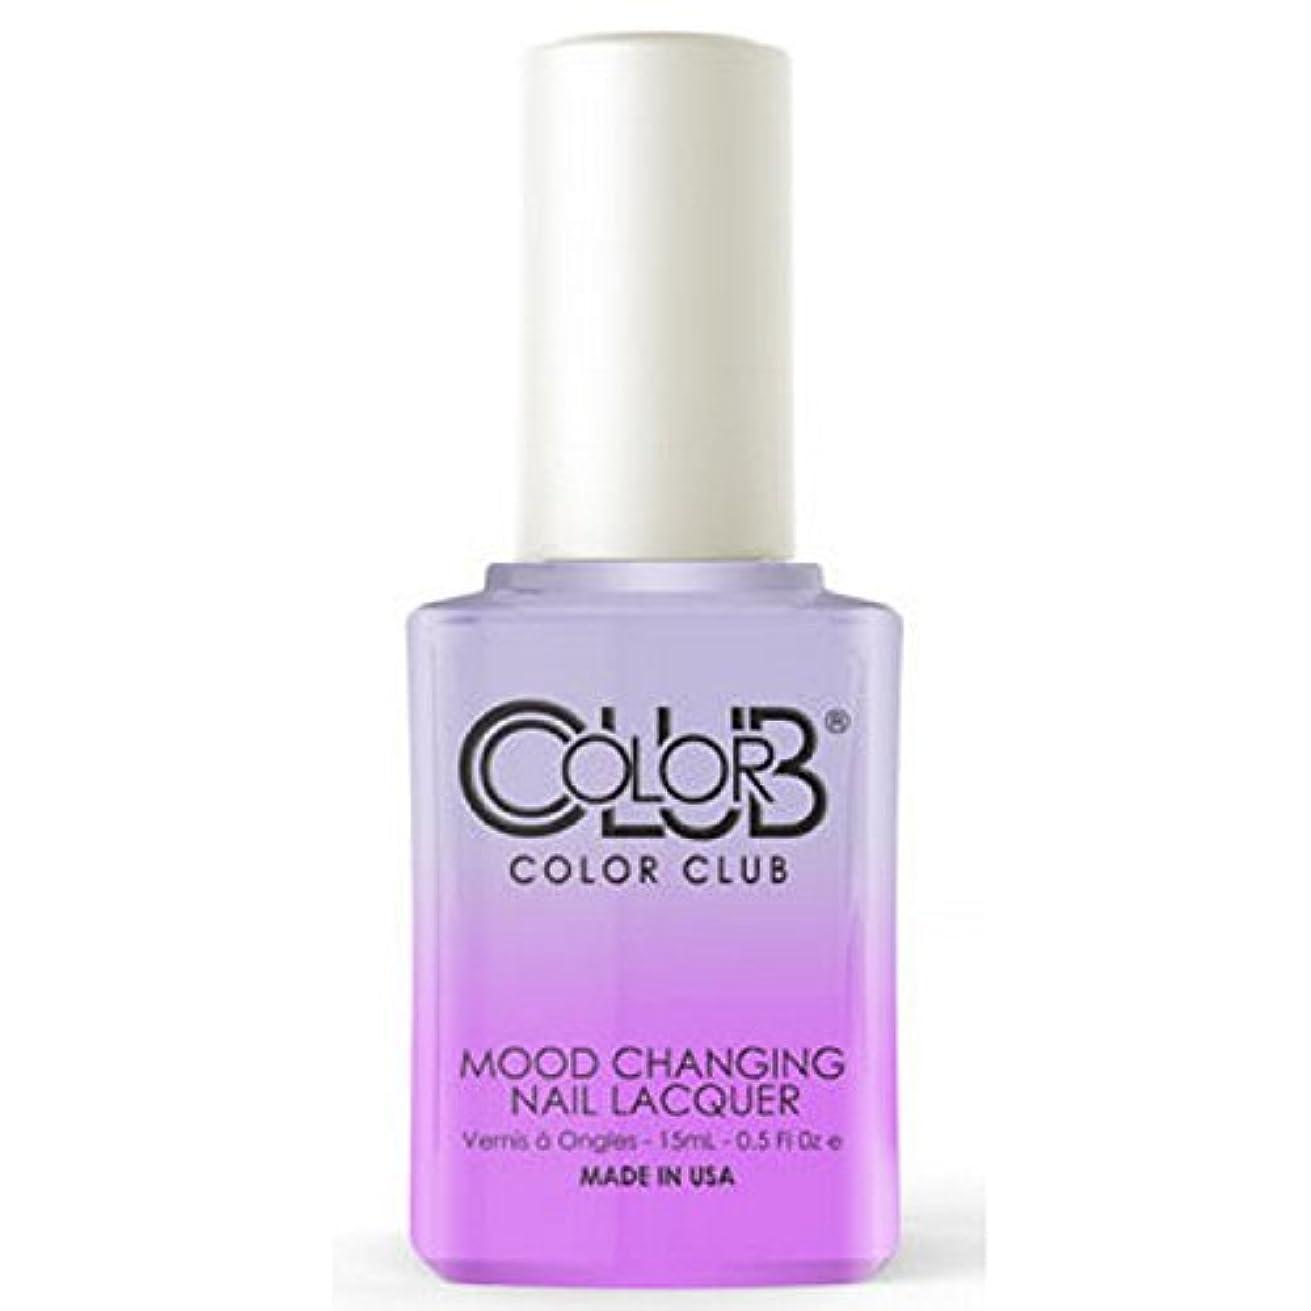 キャッシュレイアウト敬礼Color Club Mood Changing Nail Lacquer - Easy Breezy- 15 mL / 0.5 fl oz